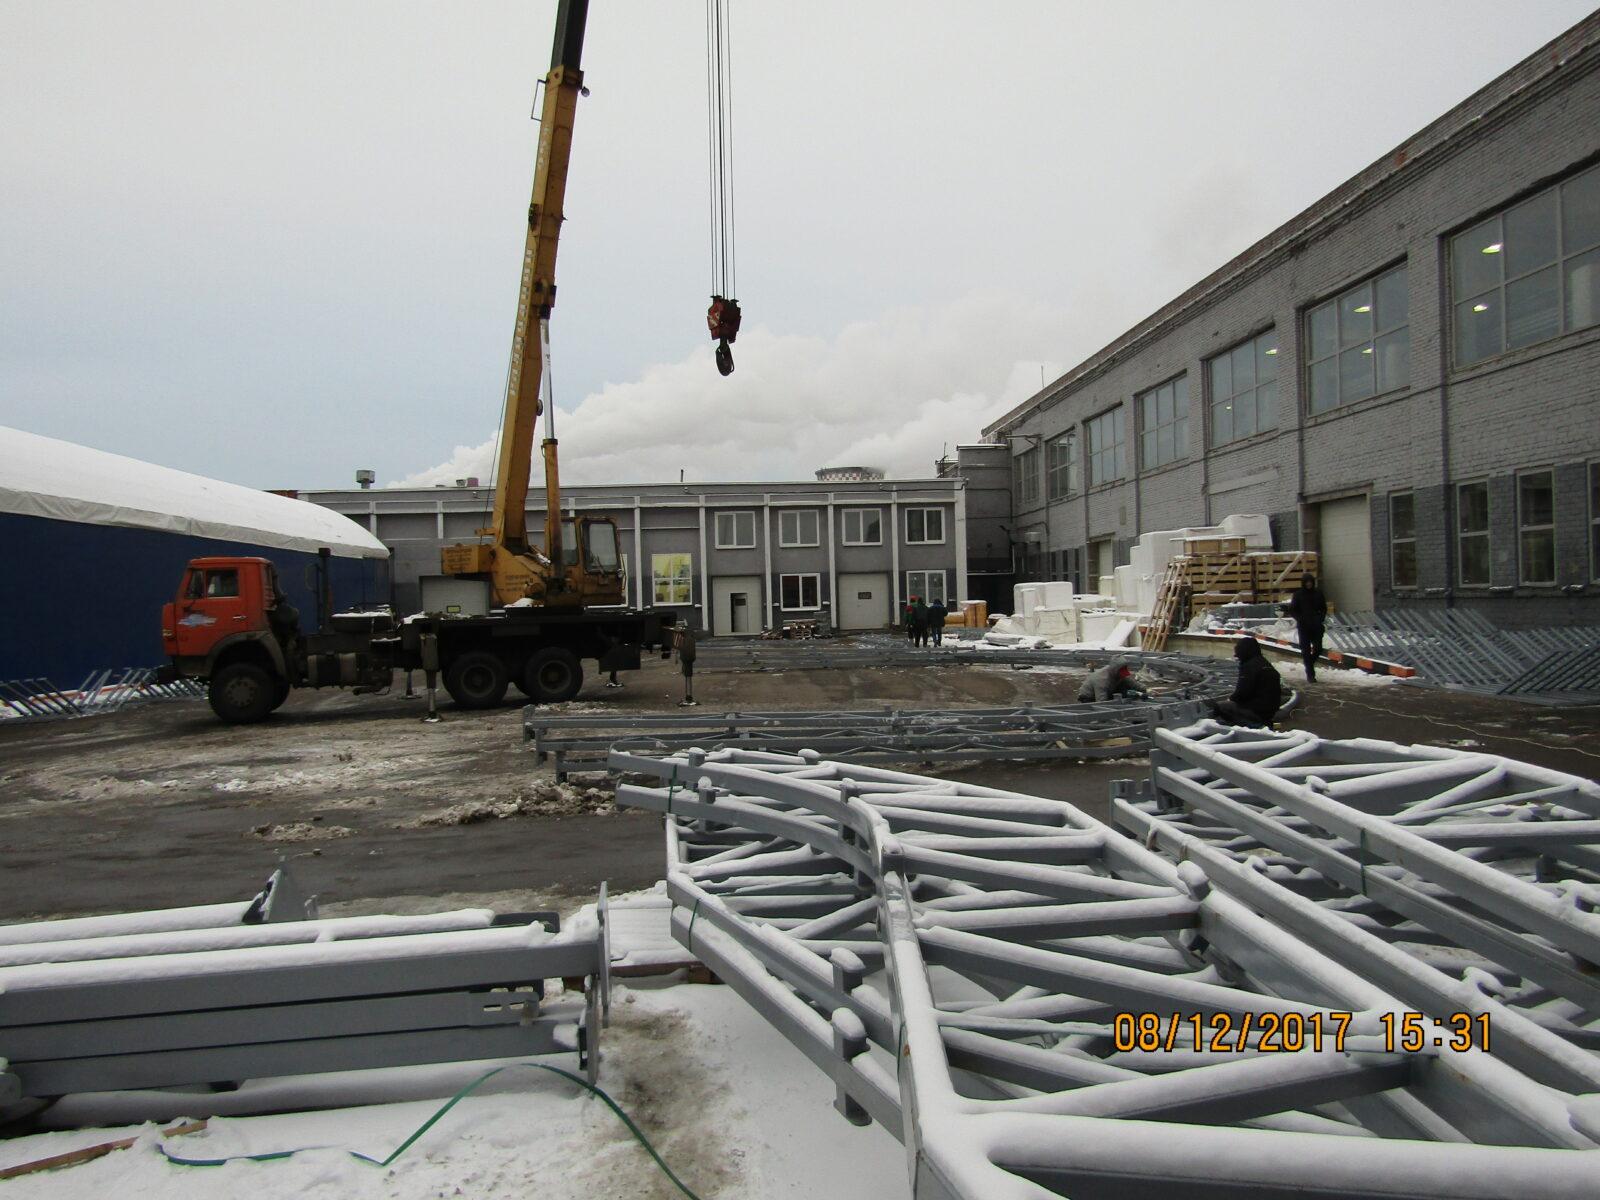 СТК Митрич - Строительство, быстровозводимые ангары, отделка помещений.